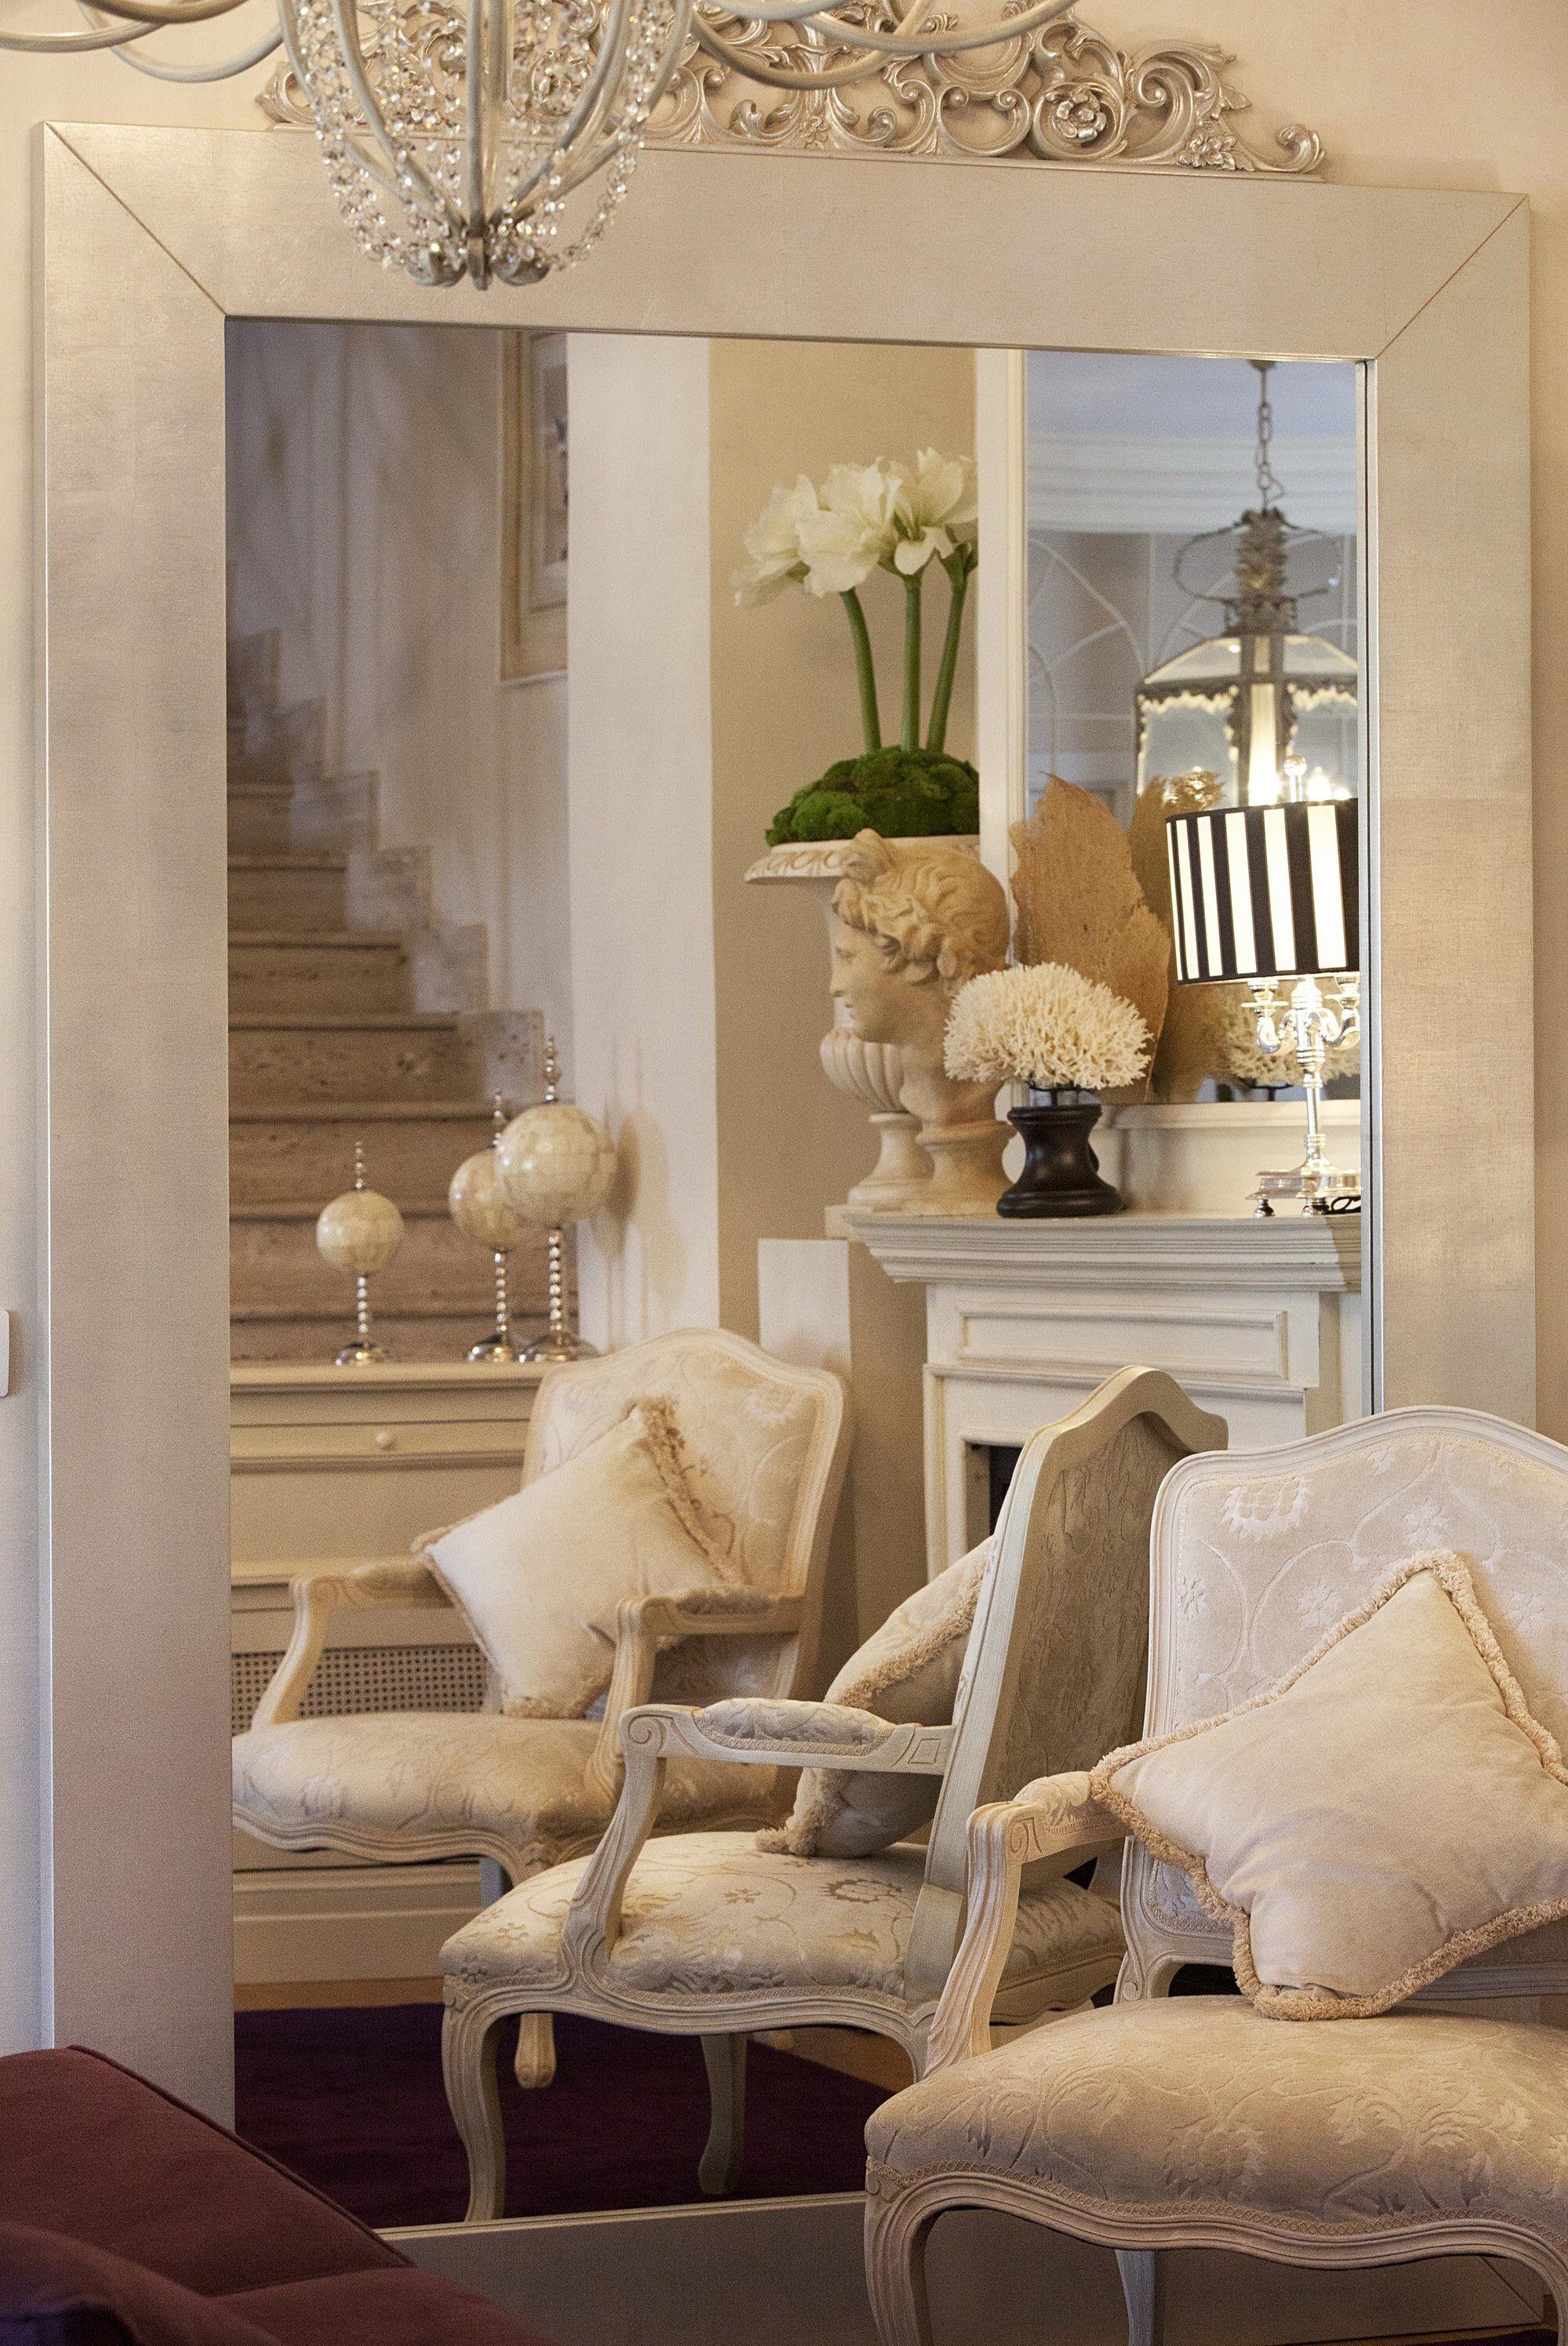 arredamento d'interni in collaborazione con home & country. | arch ... - Arredo Bagno Ostia Lido